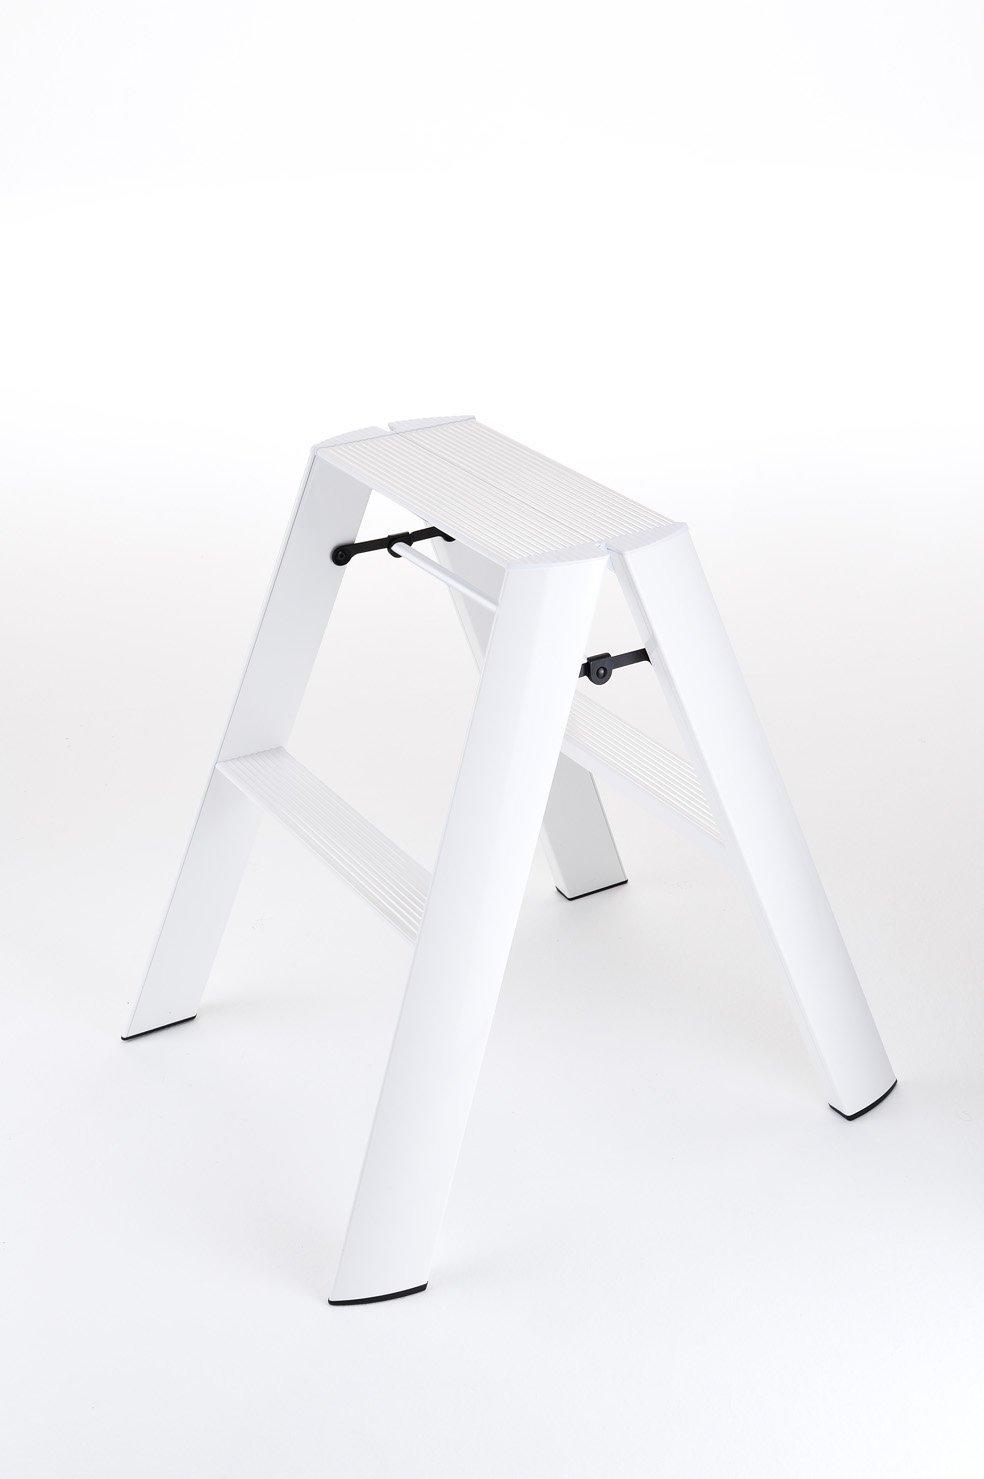 長谷川工業 hasegawa ハセガワ ルカーノ lucano デザイン踏台 2段 2-step 定番色 ホワイト ML2.0-2J(WH) B017S5XPJW